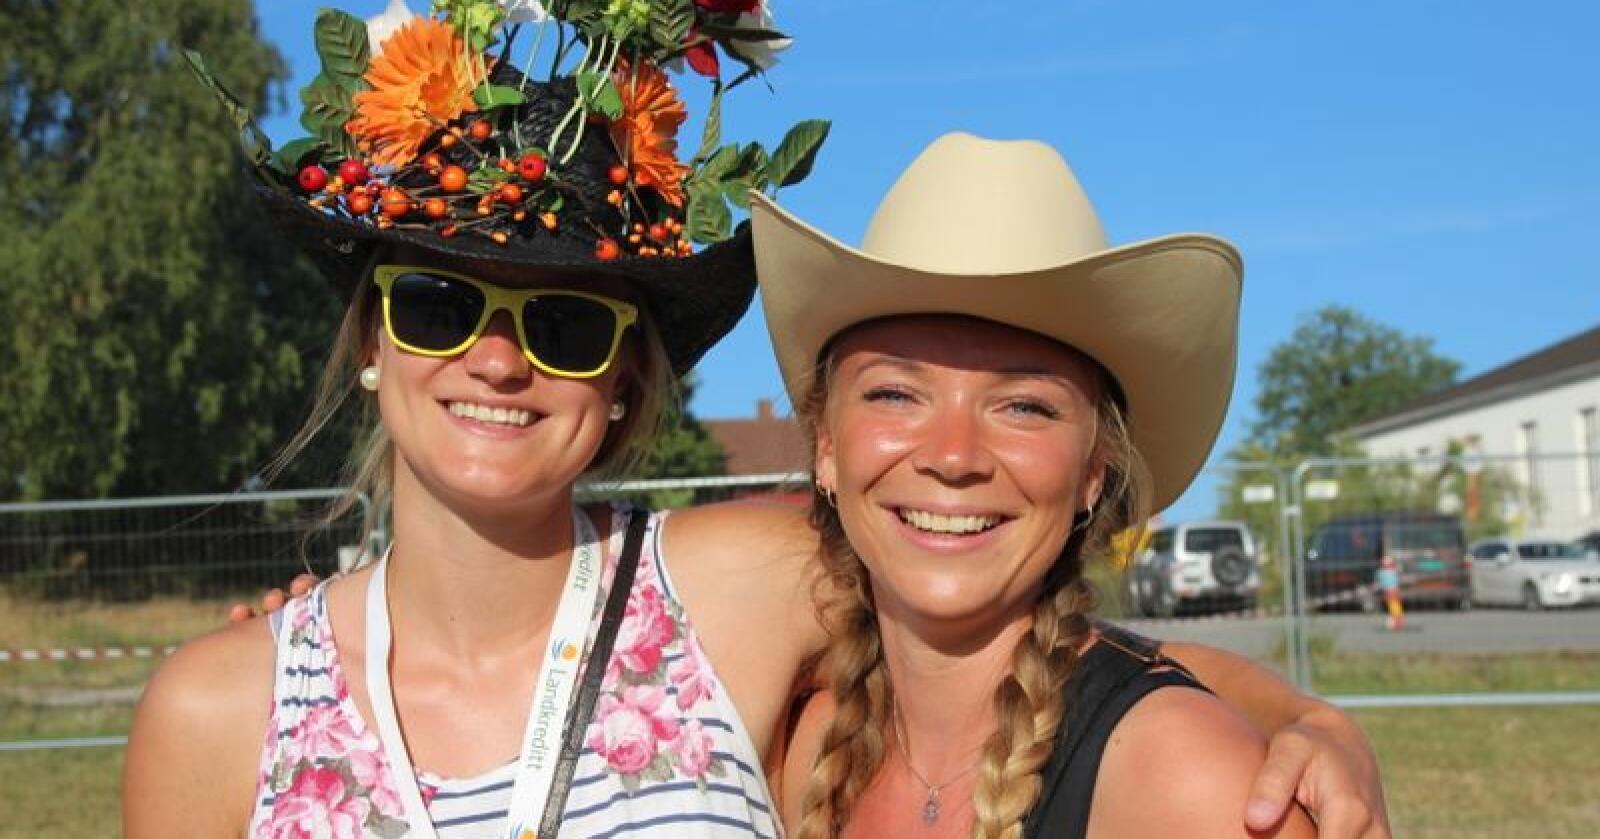 73 gang: NBU sitt landsstevne arrangeres for 73. gang. På bildet ser vi Tonje Grini (t.v.) og Ida Nordberg, begge fra Oppland NBU, fra Landsstevnet 2018 i Kalnes. (Foto: Emma Gerritsen)